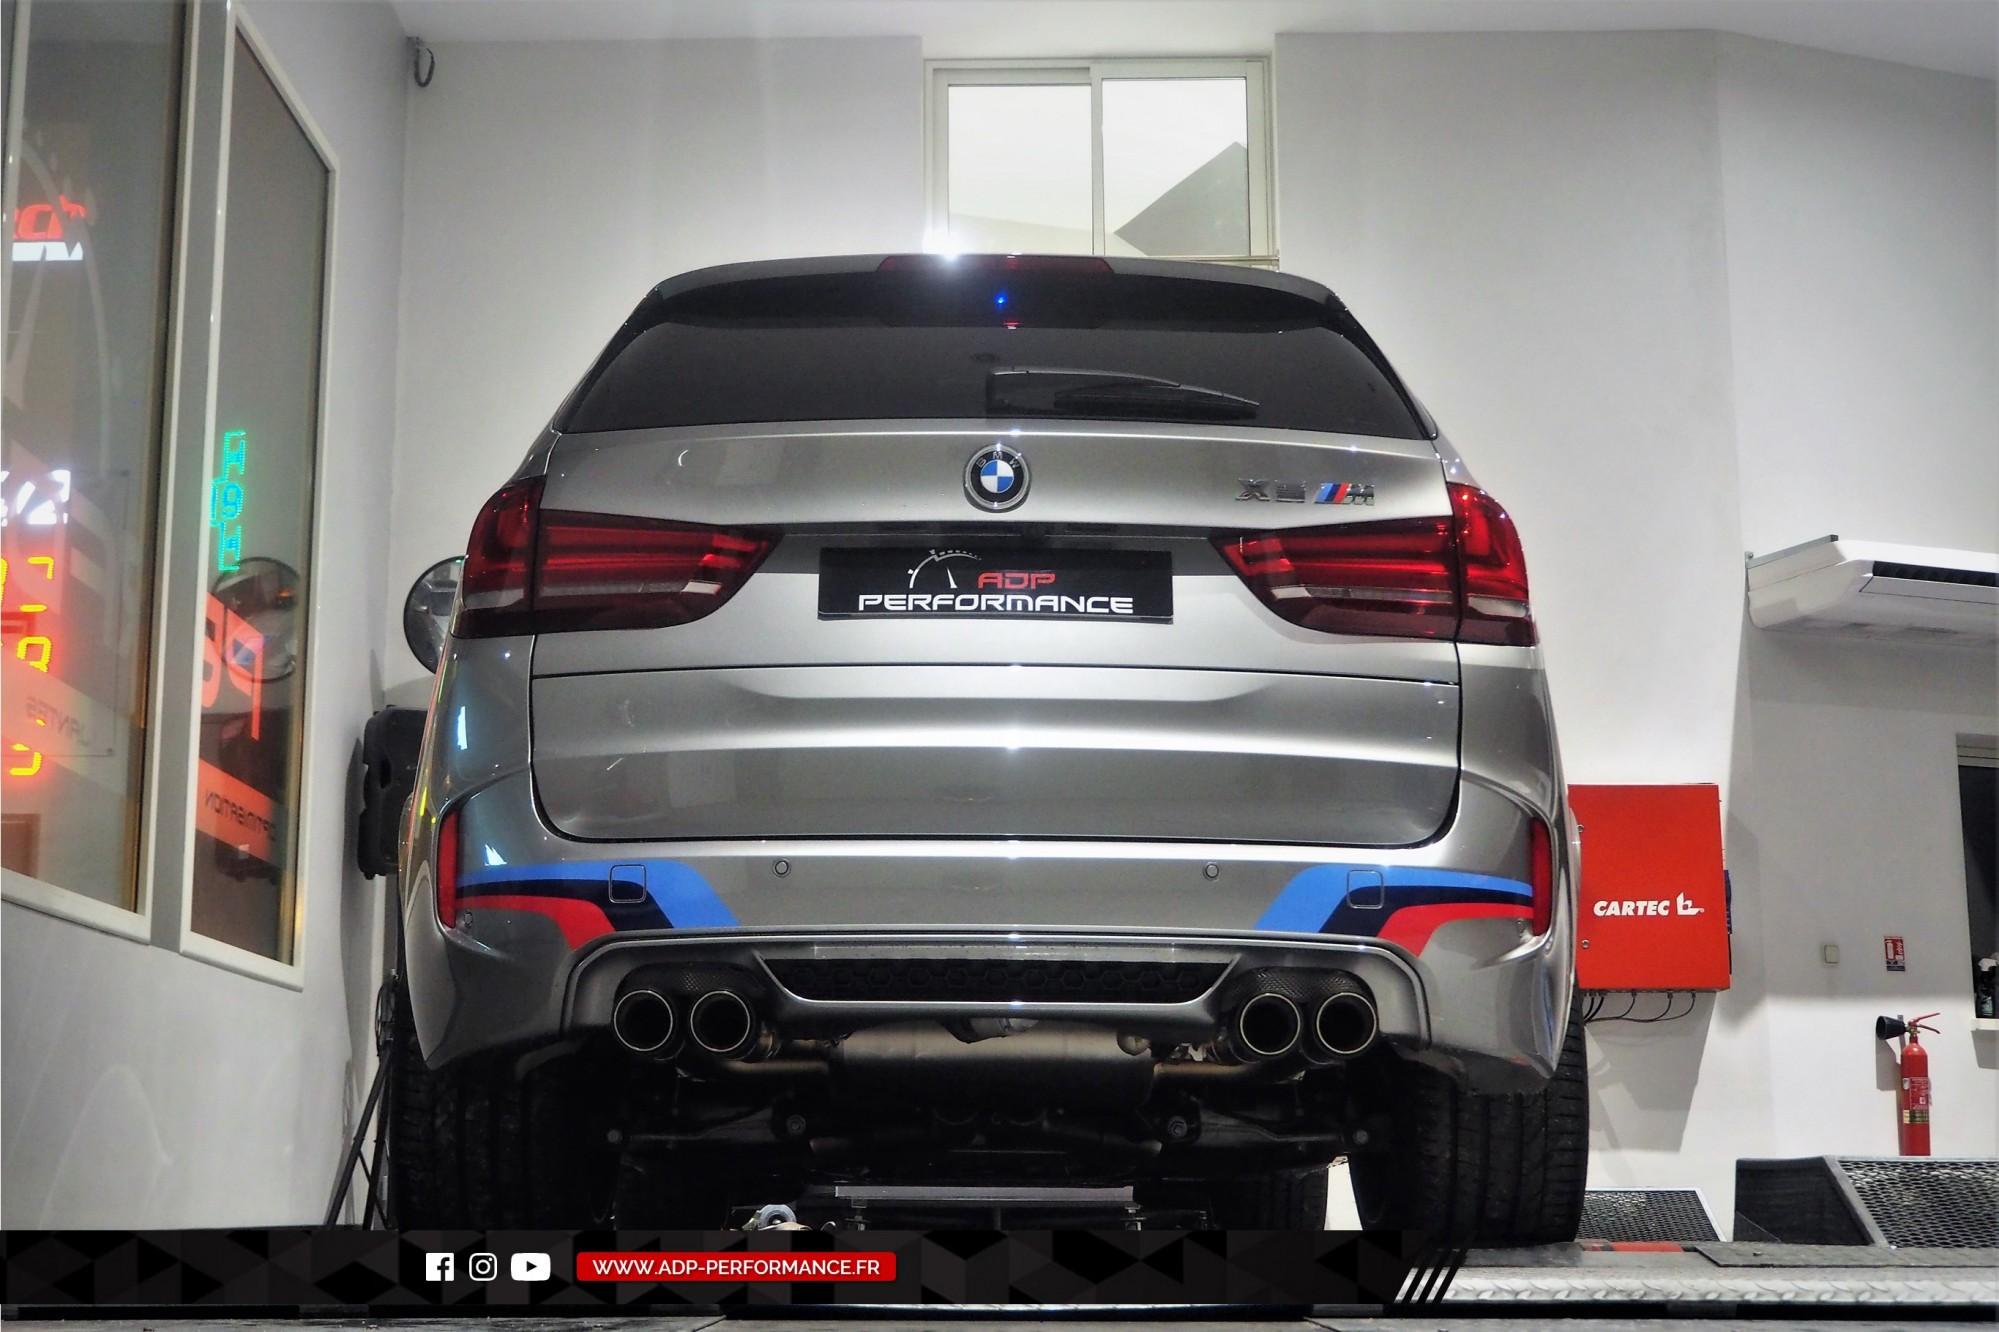 Pr paration bmw x5 m 4 4 v8 bi turbo salon de provence for Salon auto marseille